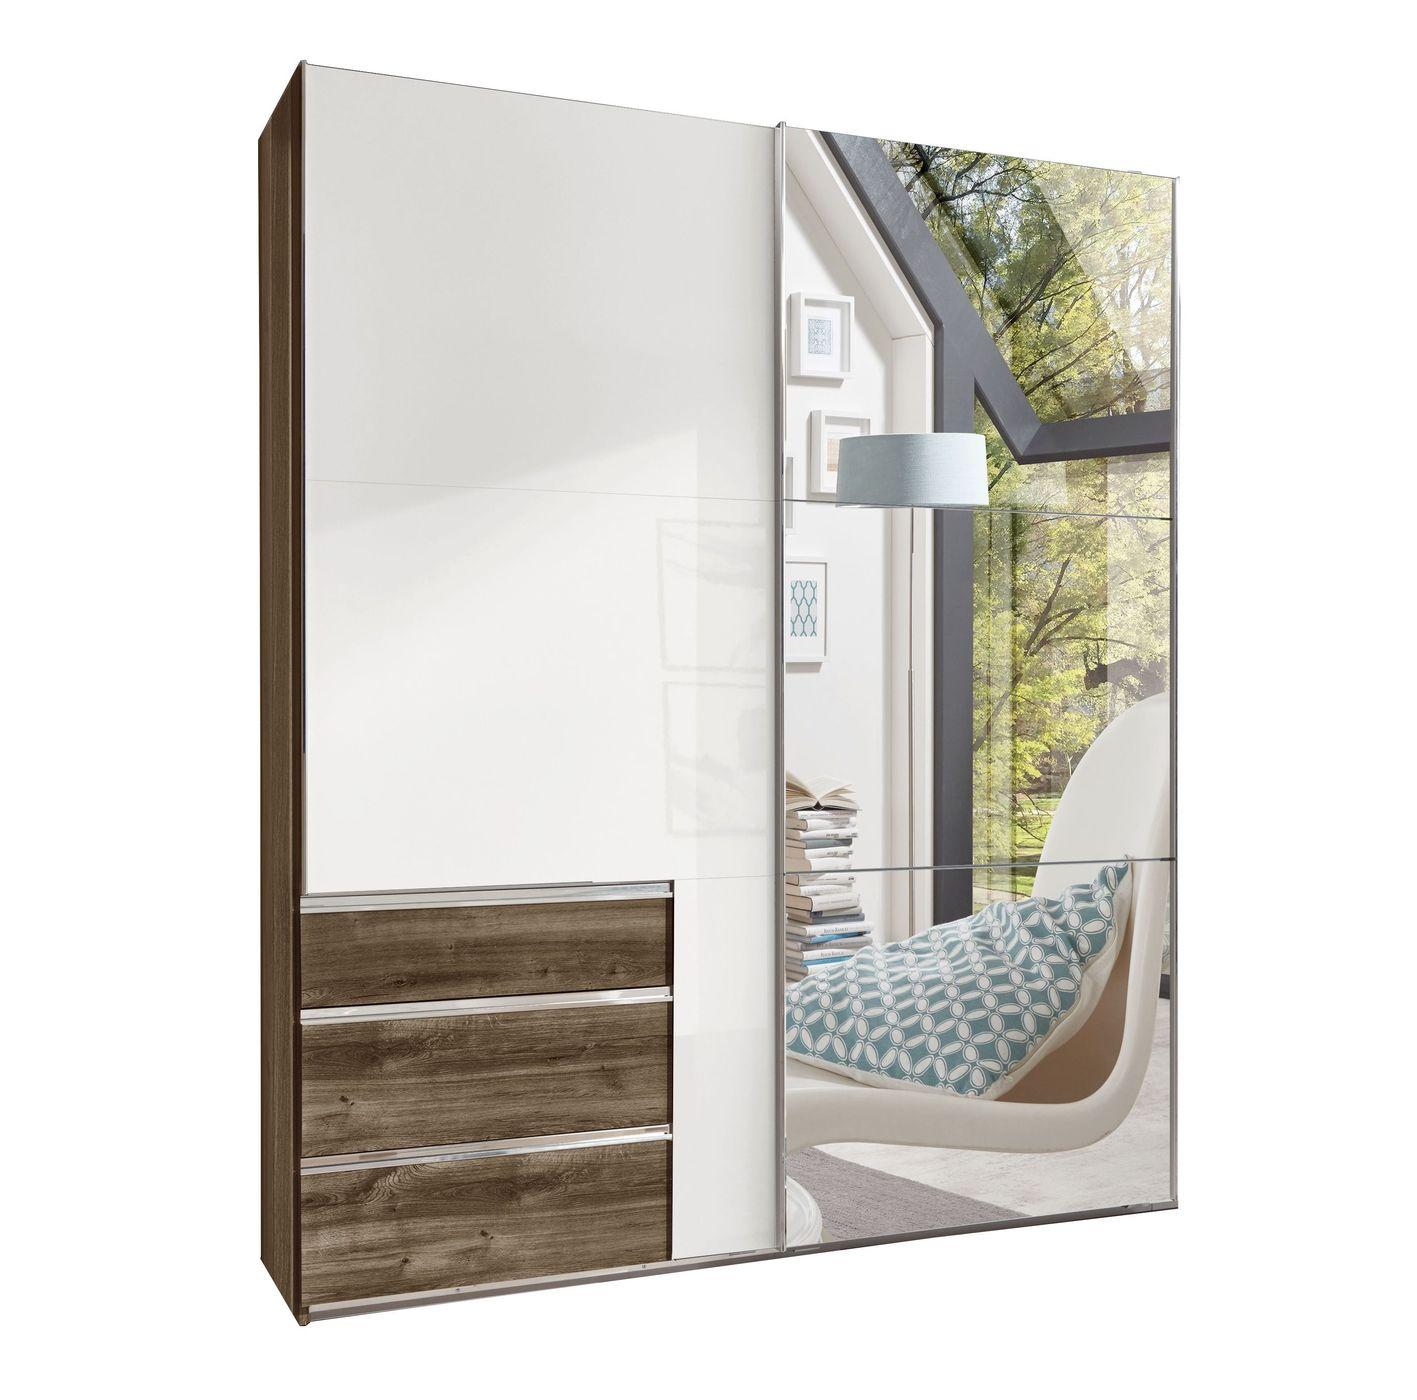 Spiegel-Kleiderschrank mit Hochglanz-Türen und Schubladen - Neto